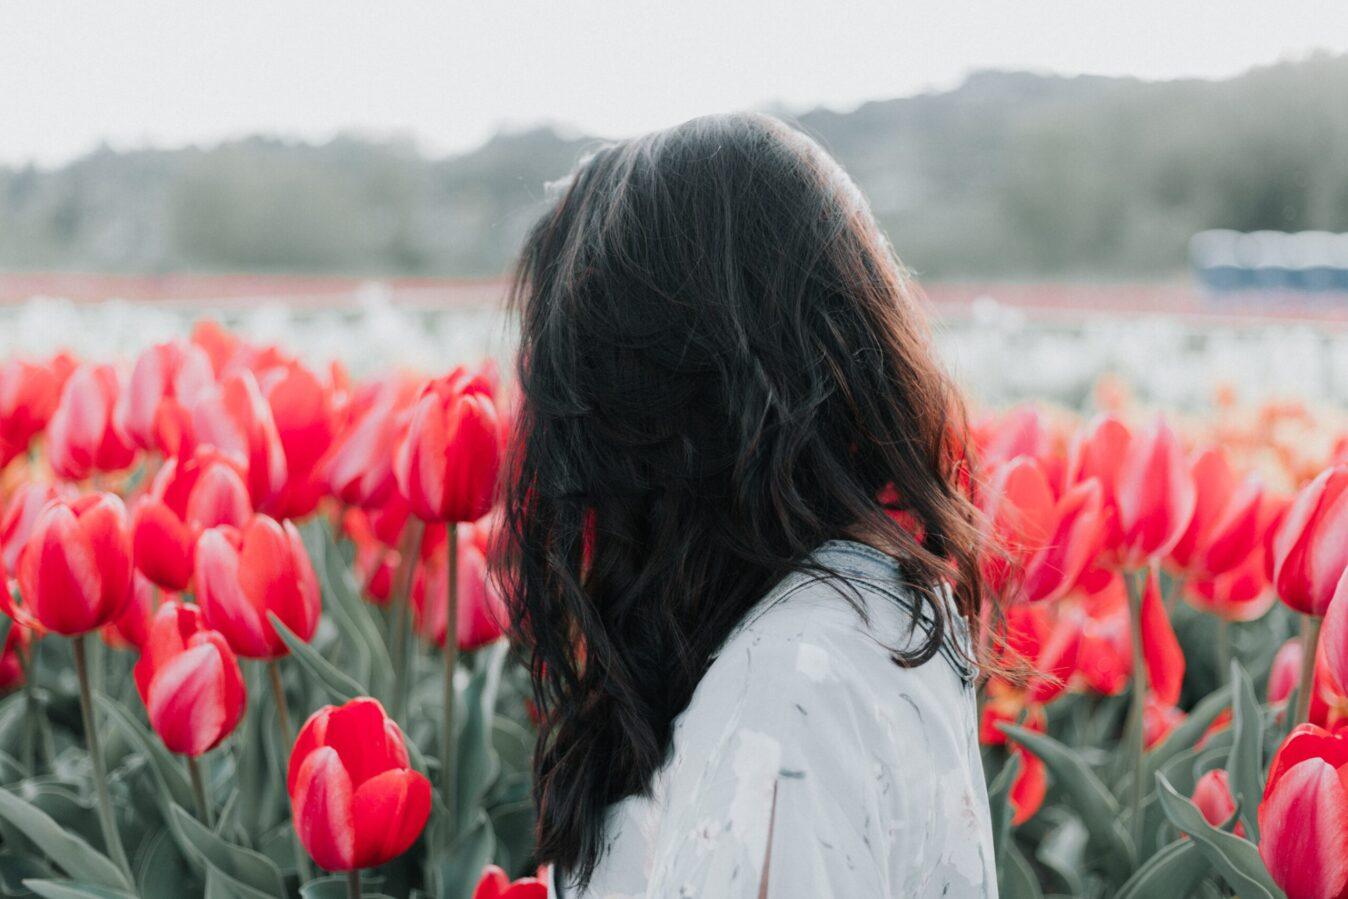 Mit hoz a tavaszi szél az egyedülállóknak?